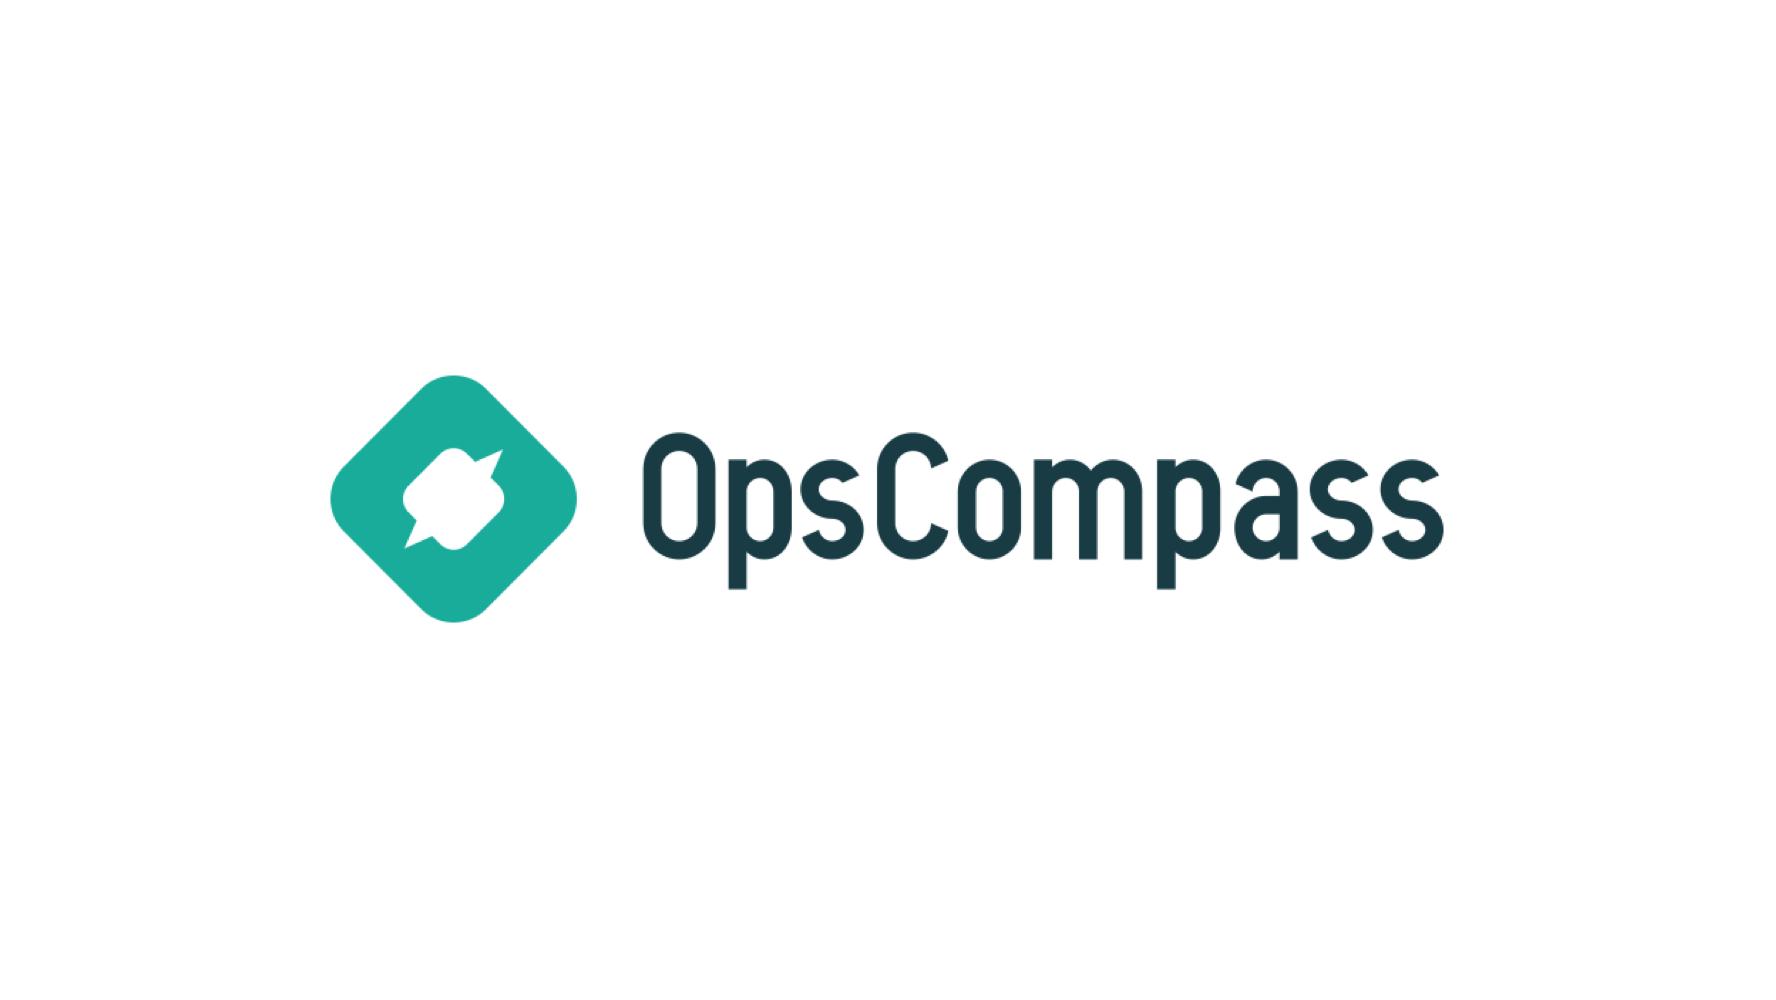 OpsCompass